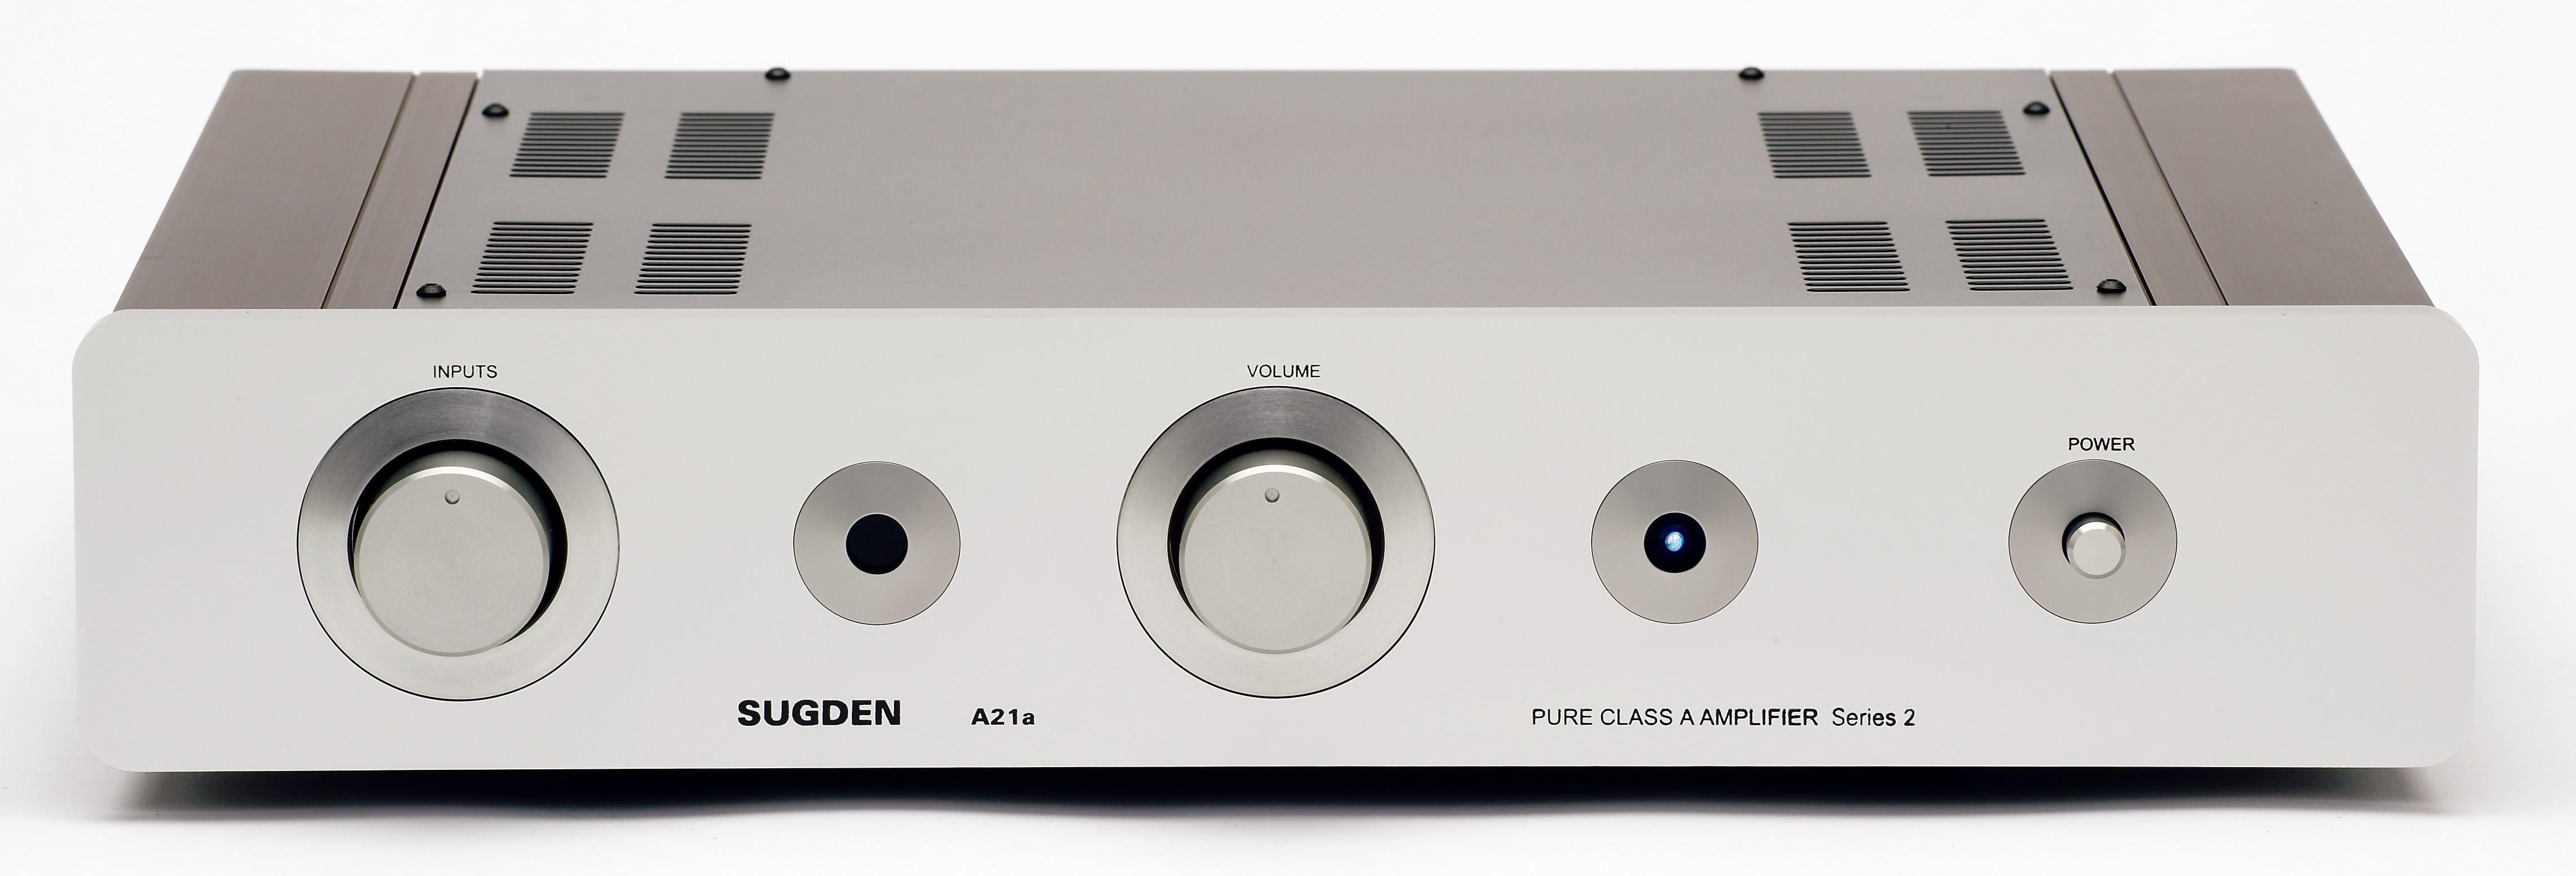 Ampli tích hợp class A của Sugden Audio